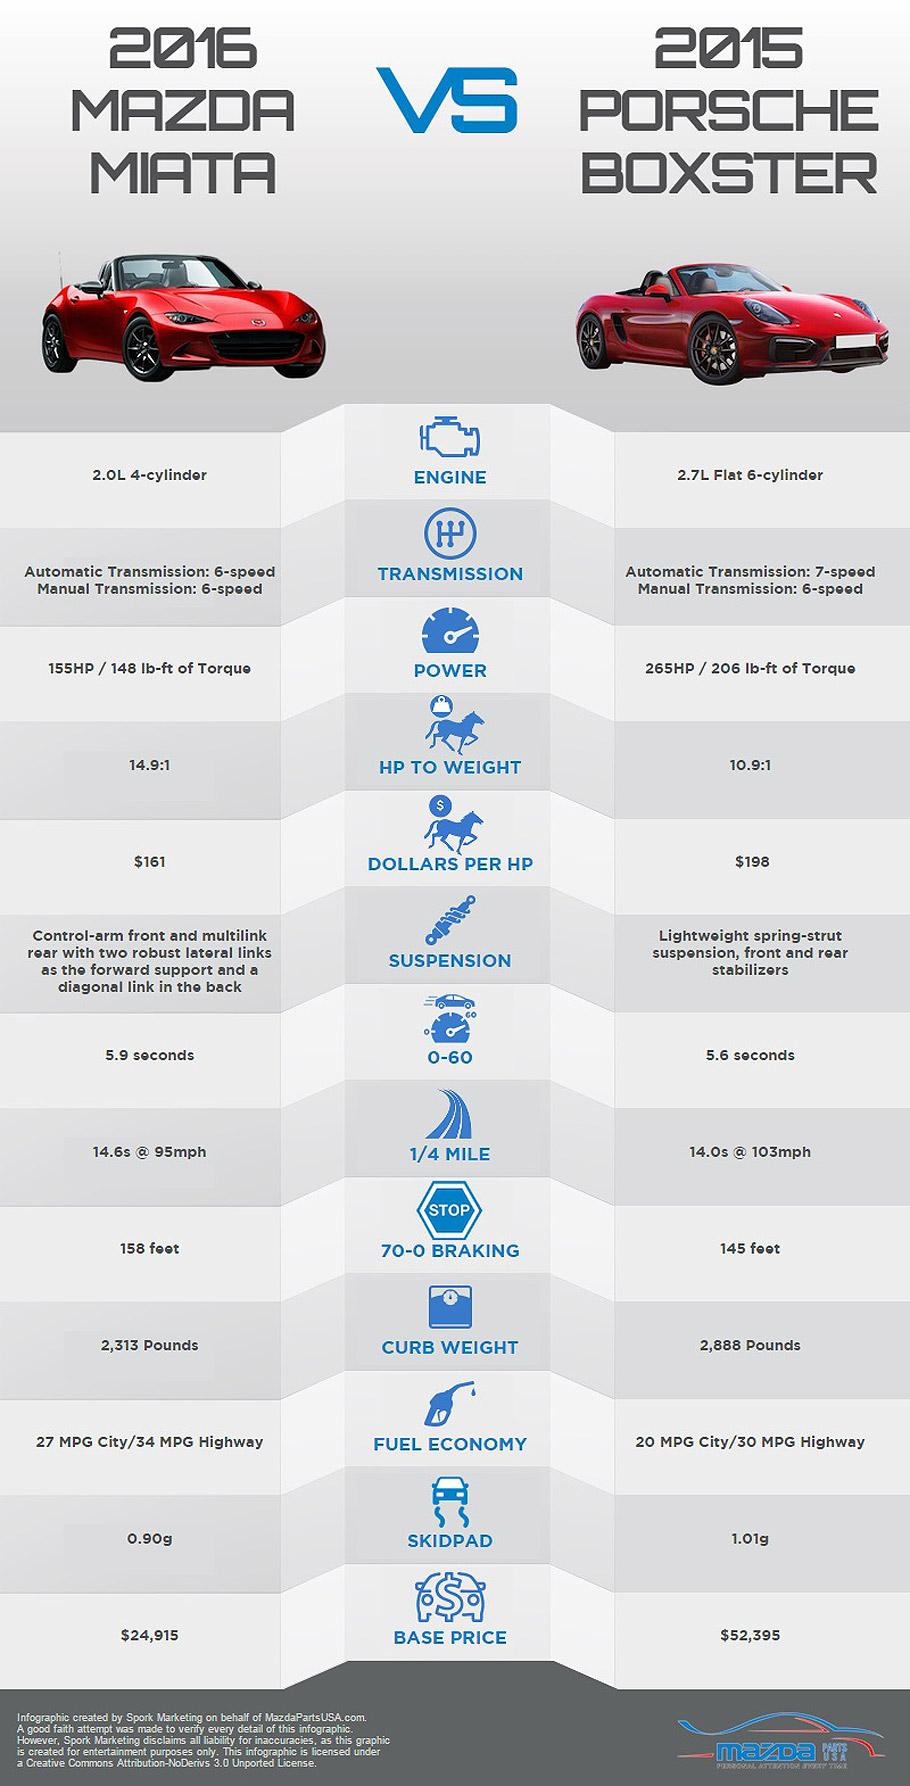 2016 Mazda Miata vs 2015 Porsche Boxster Infographic